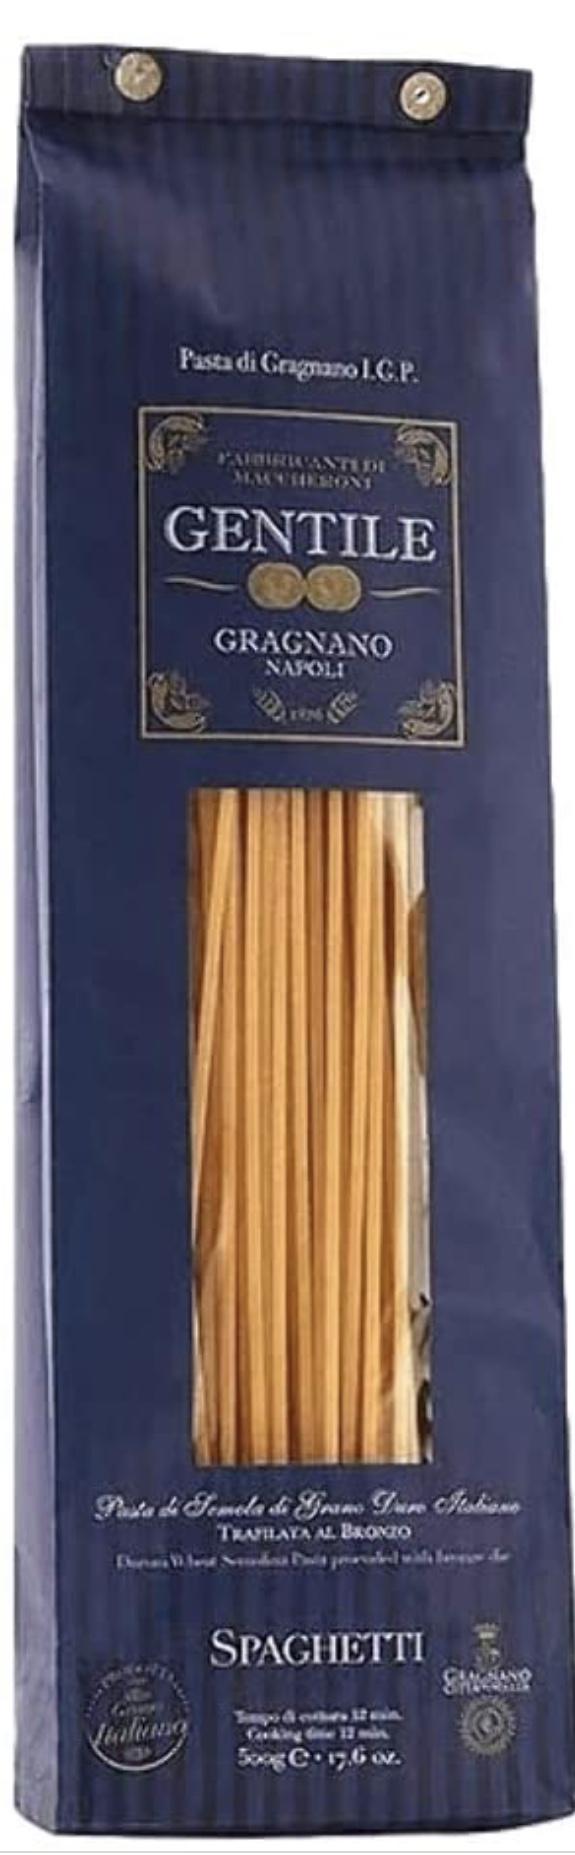 spaghetti di gragnano igp gentile